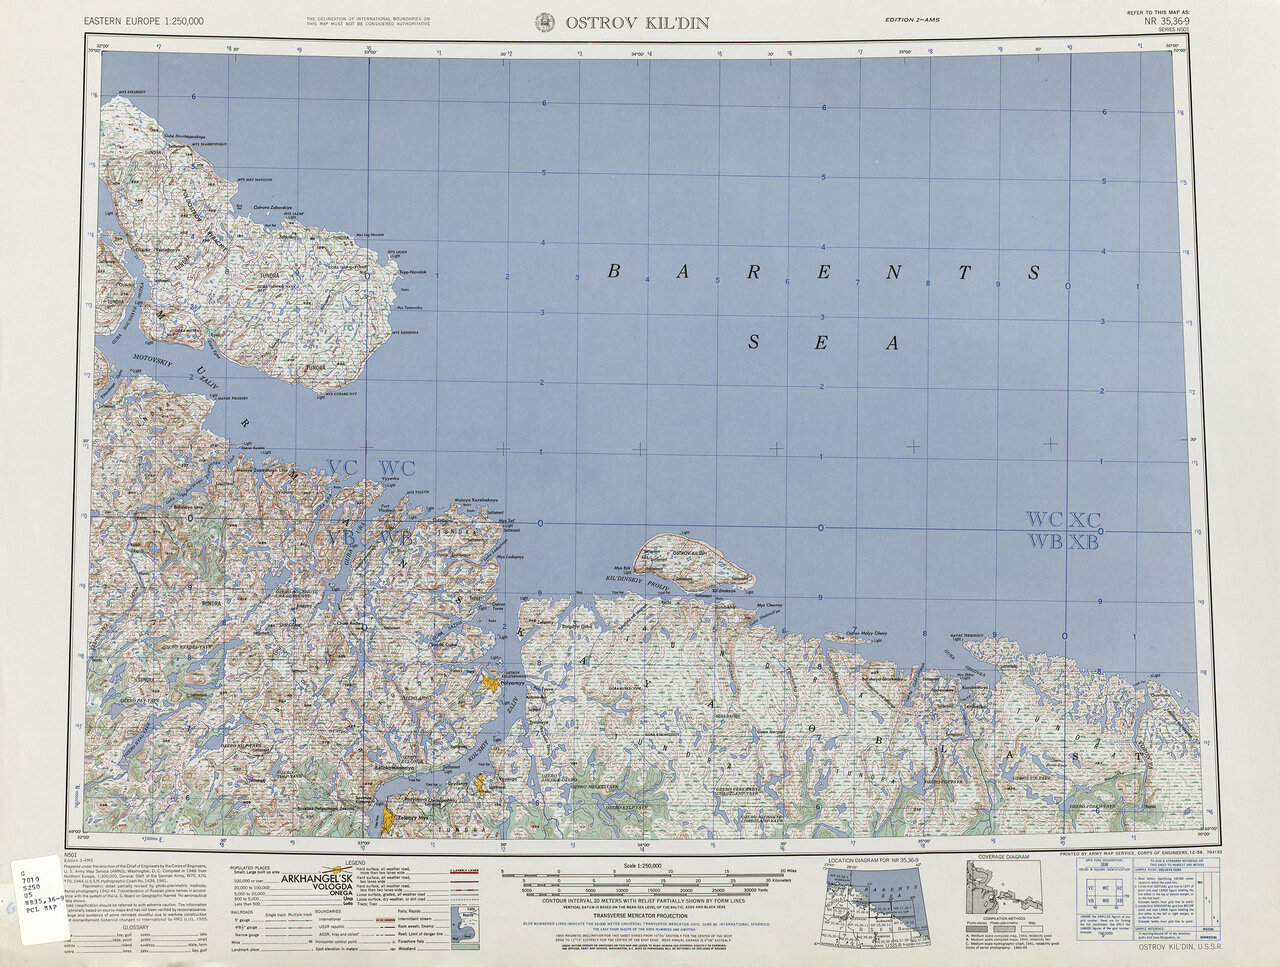 Остров Килдин